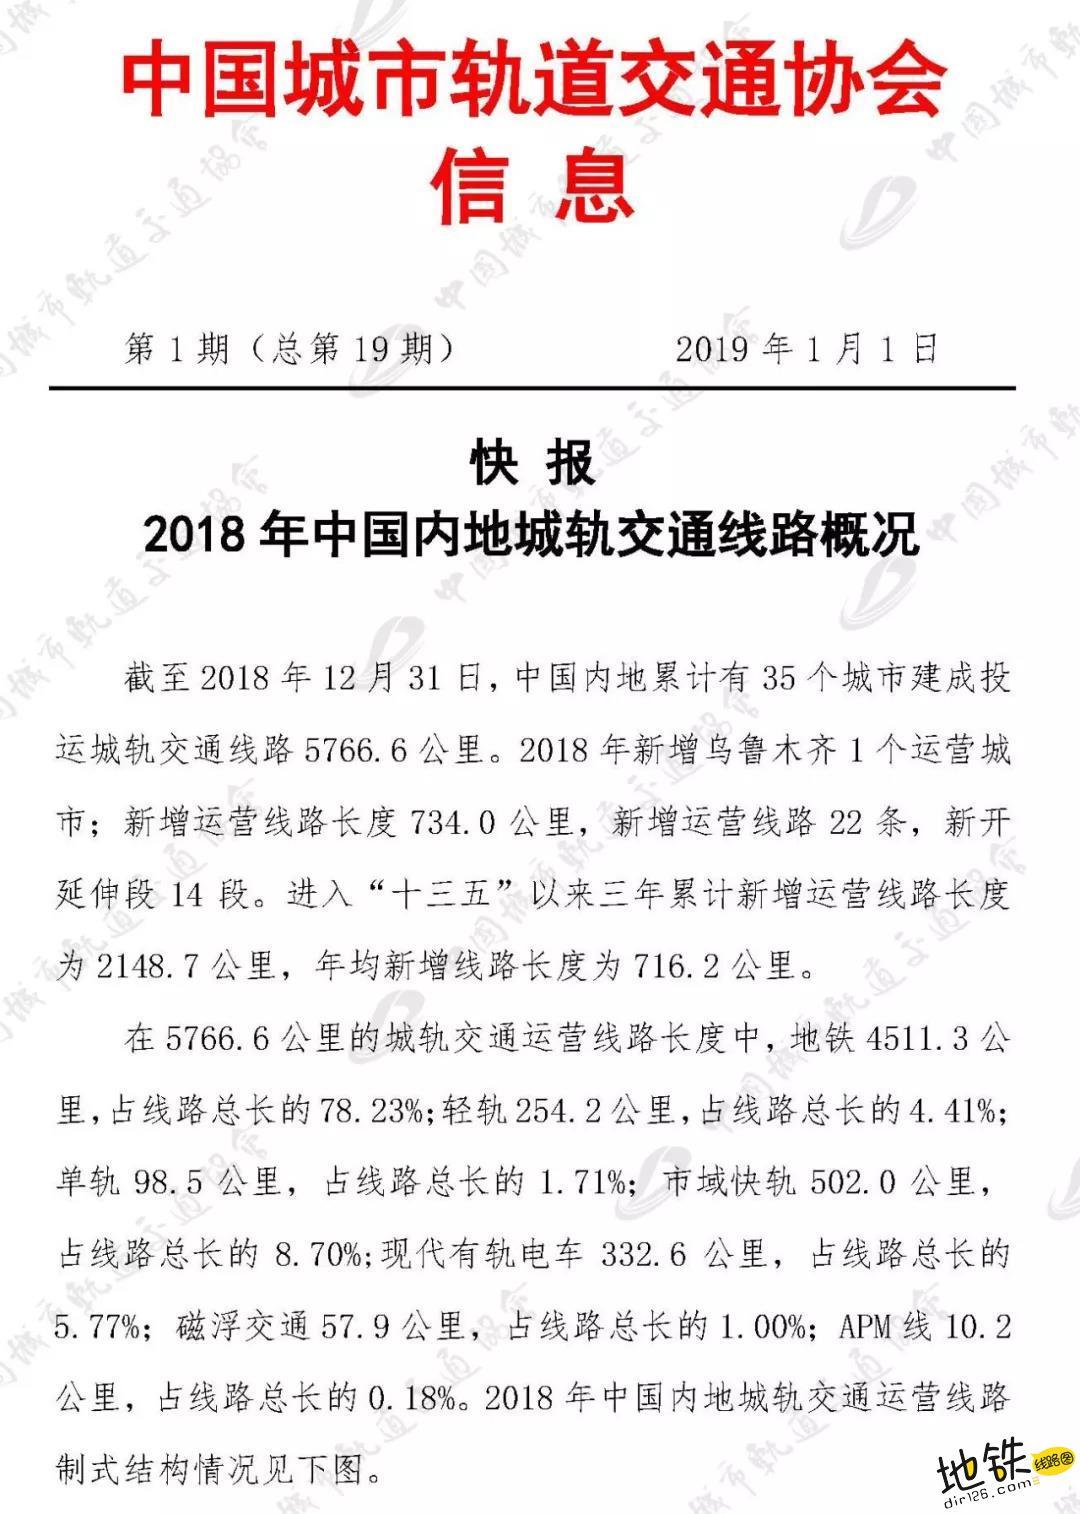 新年成绩单!2018年中国内地城轨交通线路概况 地铁 轨道交通 统计 中国 城轨 2018 轨道知识  第3张